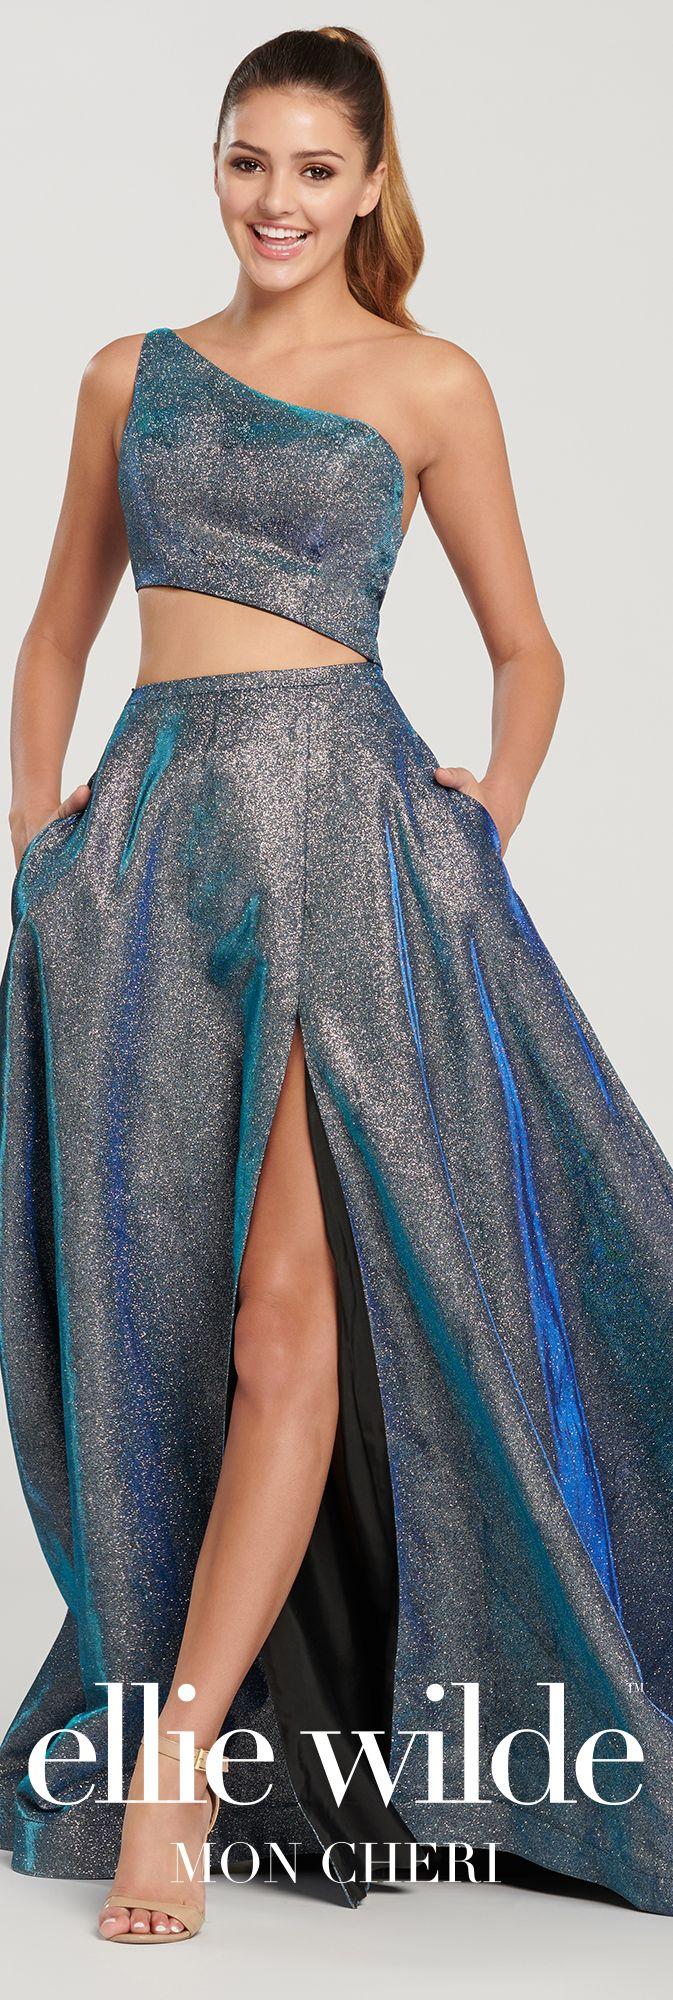 a02c9edf324a One-Shoulder Stretch Glitter A-Line Prom Dress- EW119062 in 2019 ...